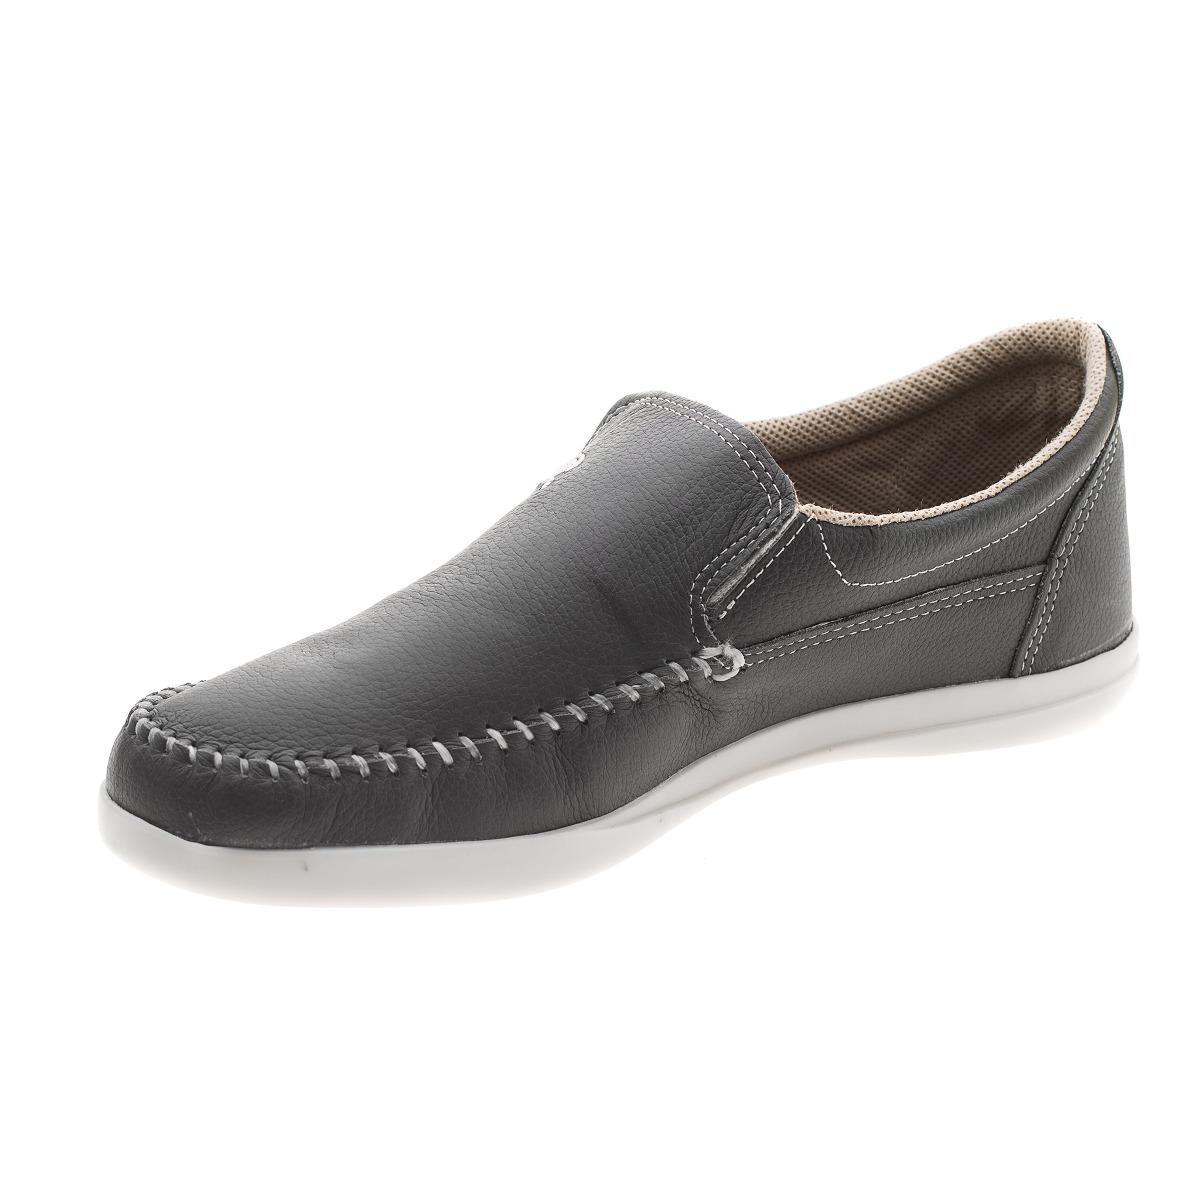 ... cuero gris (base blanca). Cargando zoom... zapato hombre mocasin náutico.  Cargando zoom. 4926c05cb29d